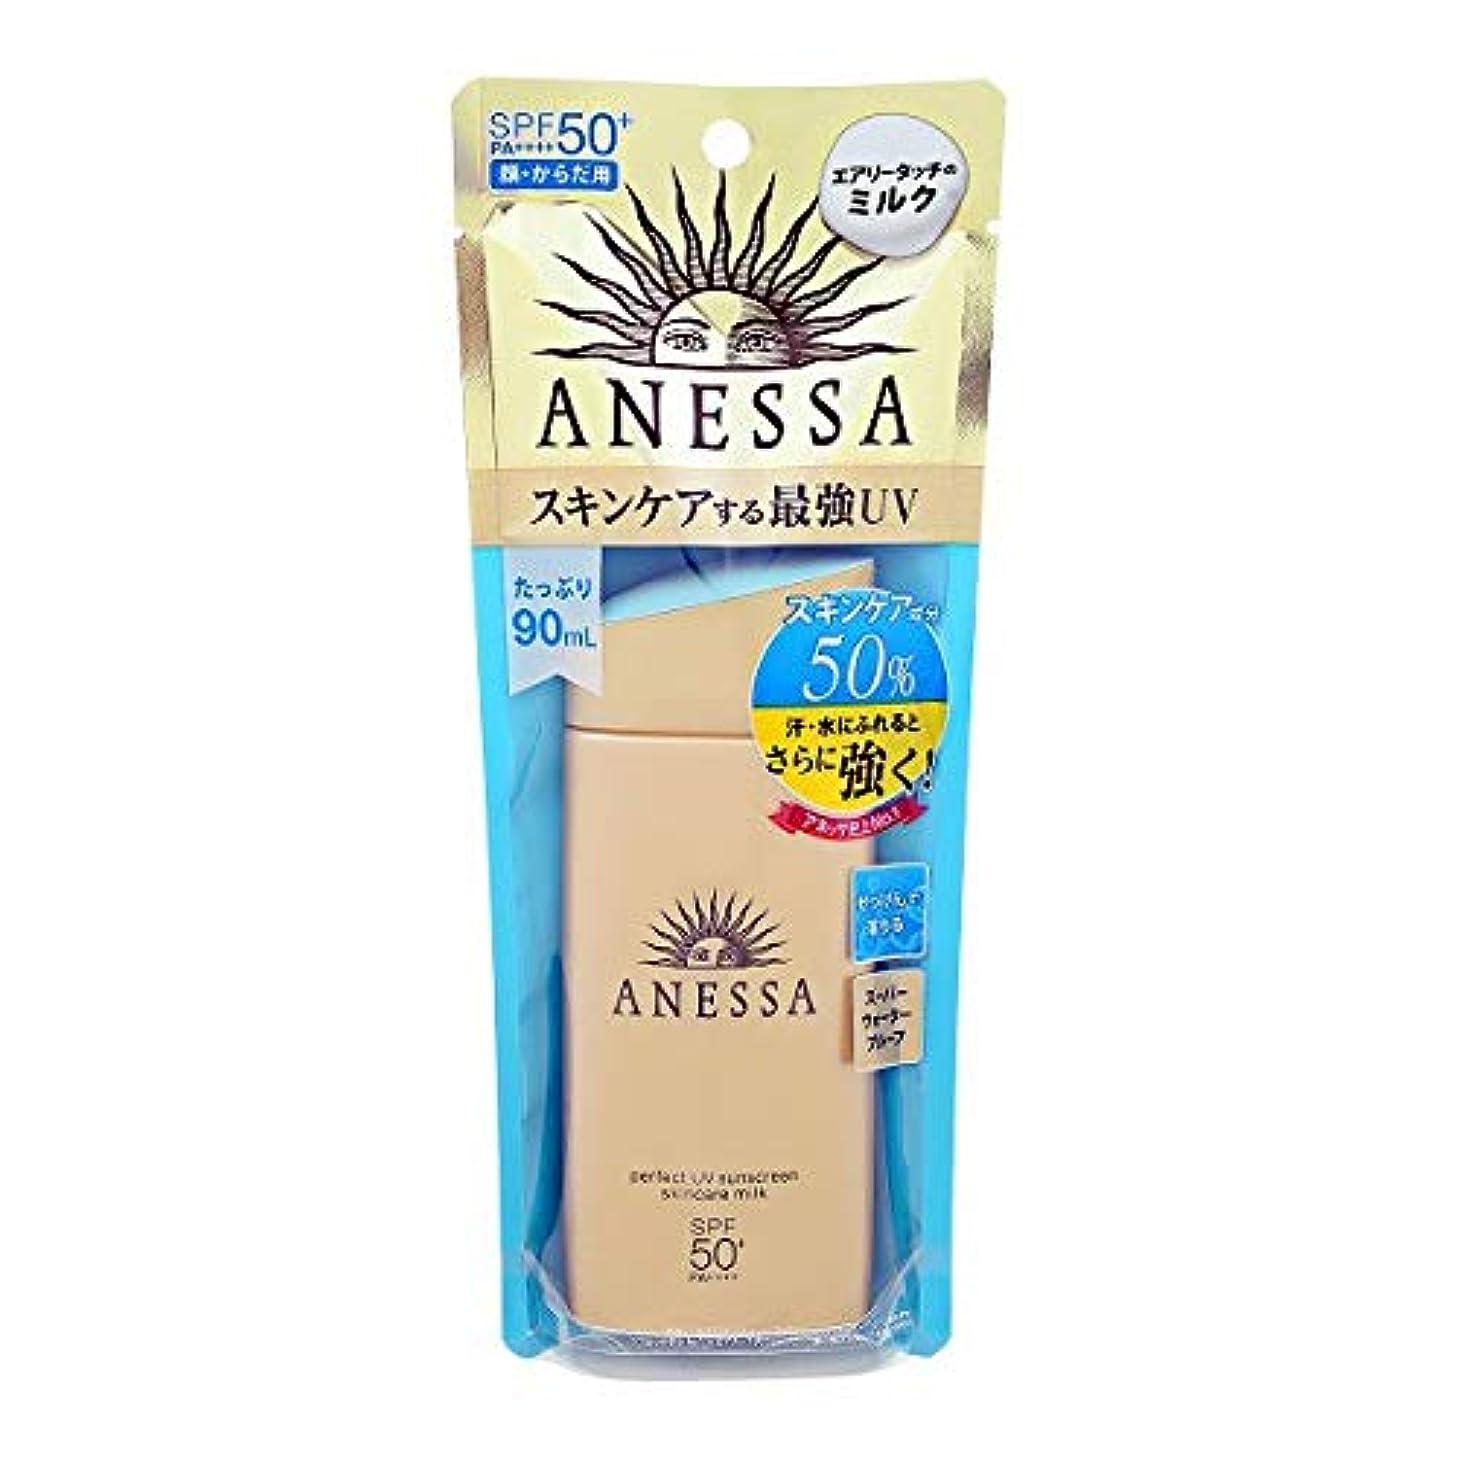 ある苗トピックアネッサ(ANESSA) パーフェクトUV スキンケアミルク 90mL [ 日焼け止め ] [並行輸入品]